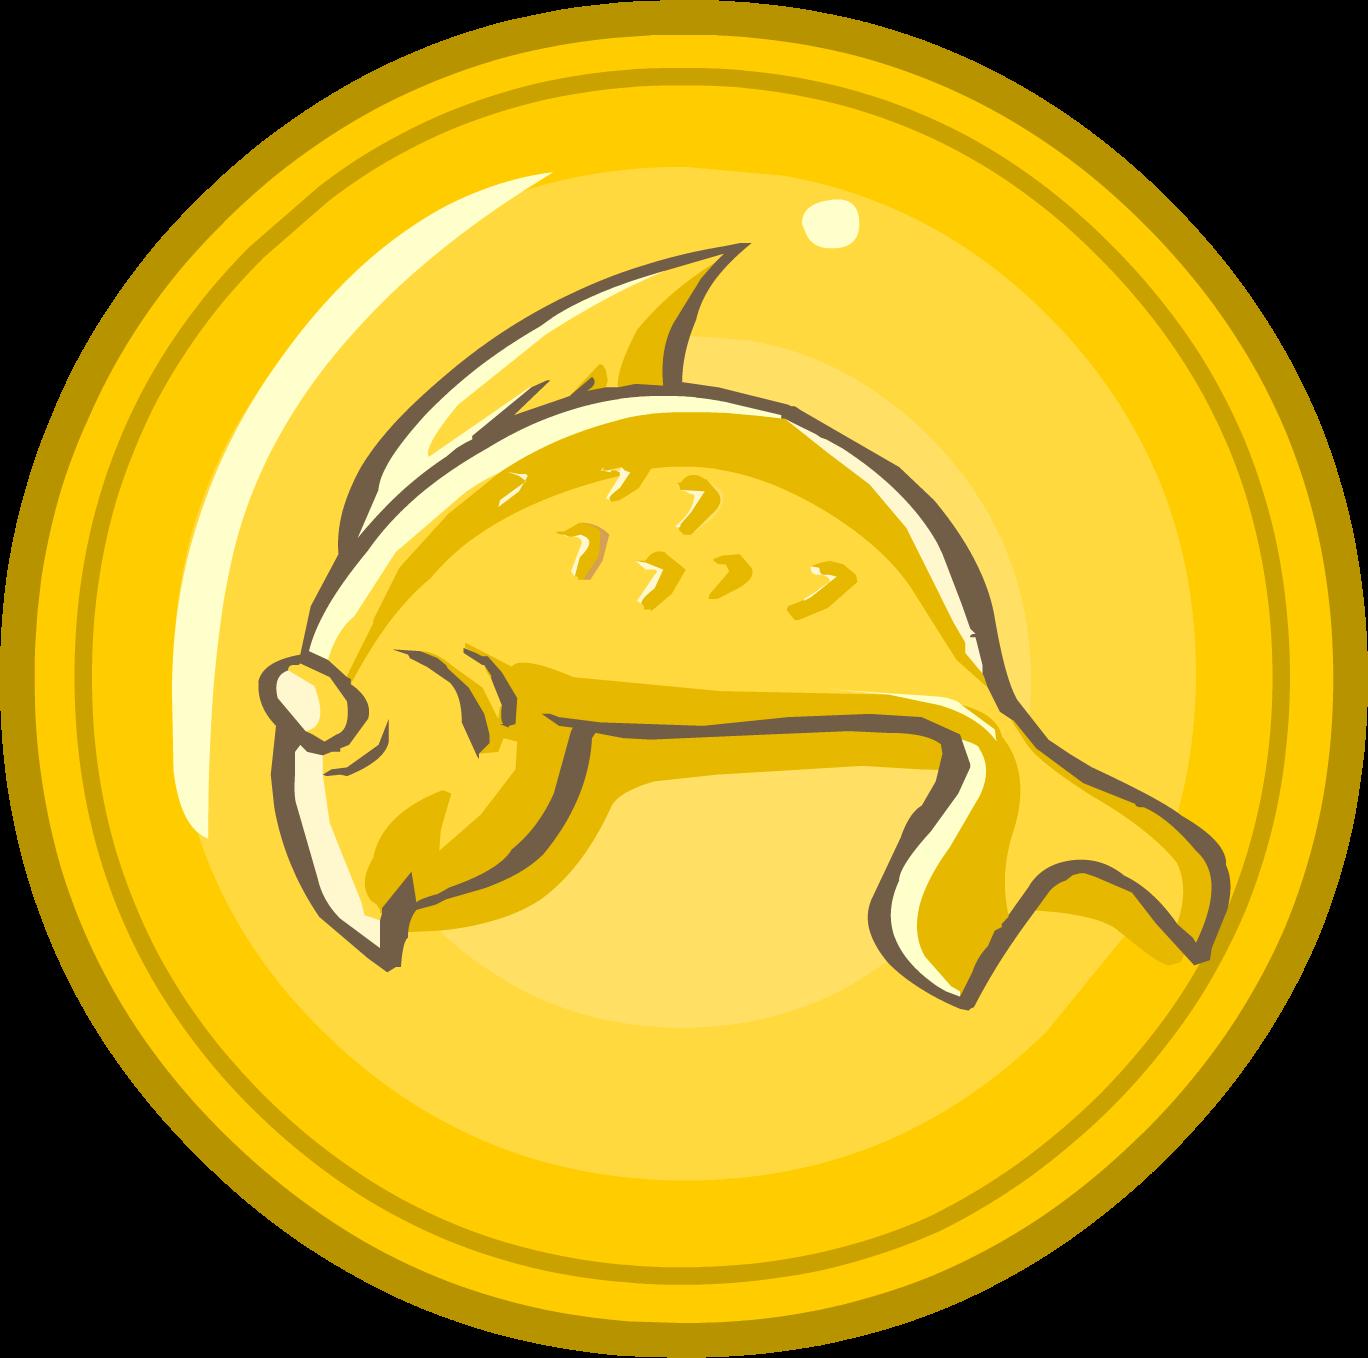 Coin club penguin wiki. Coins clipart token